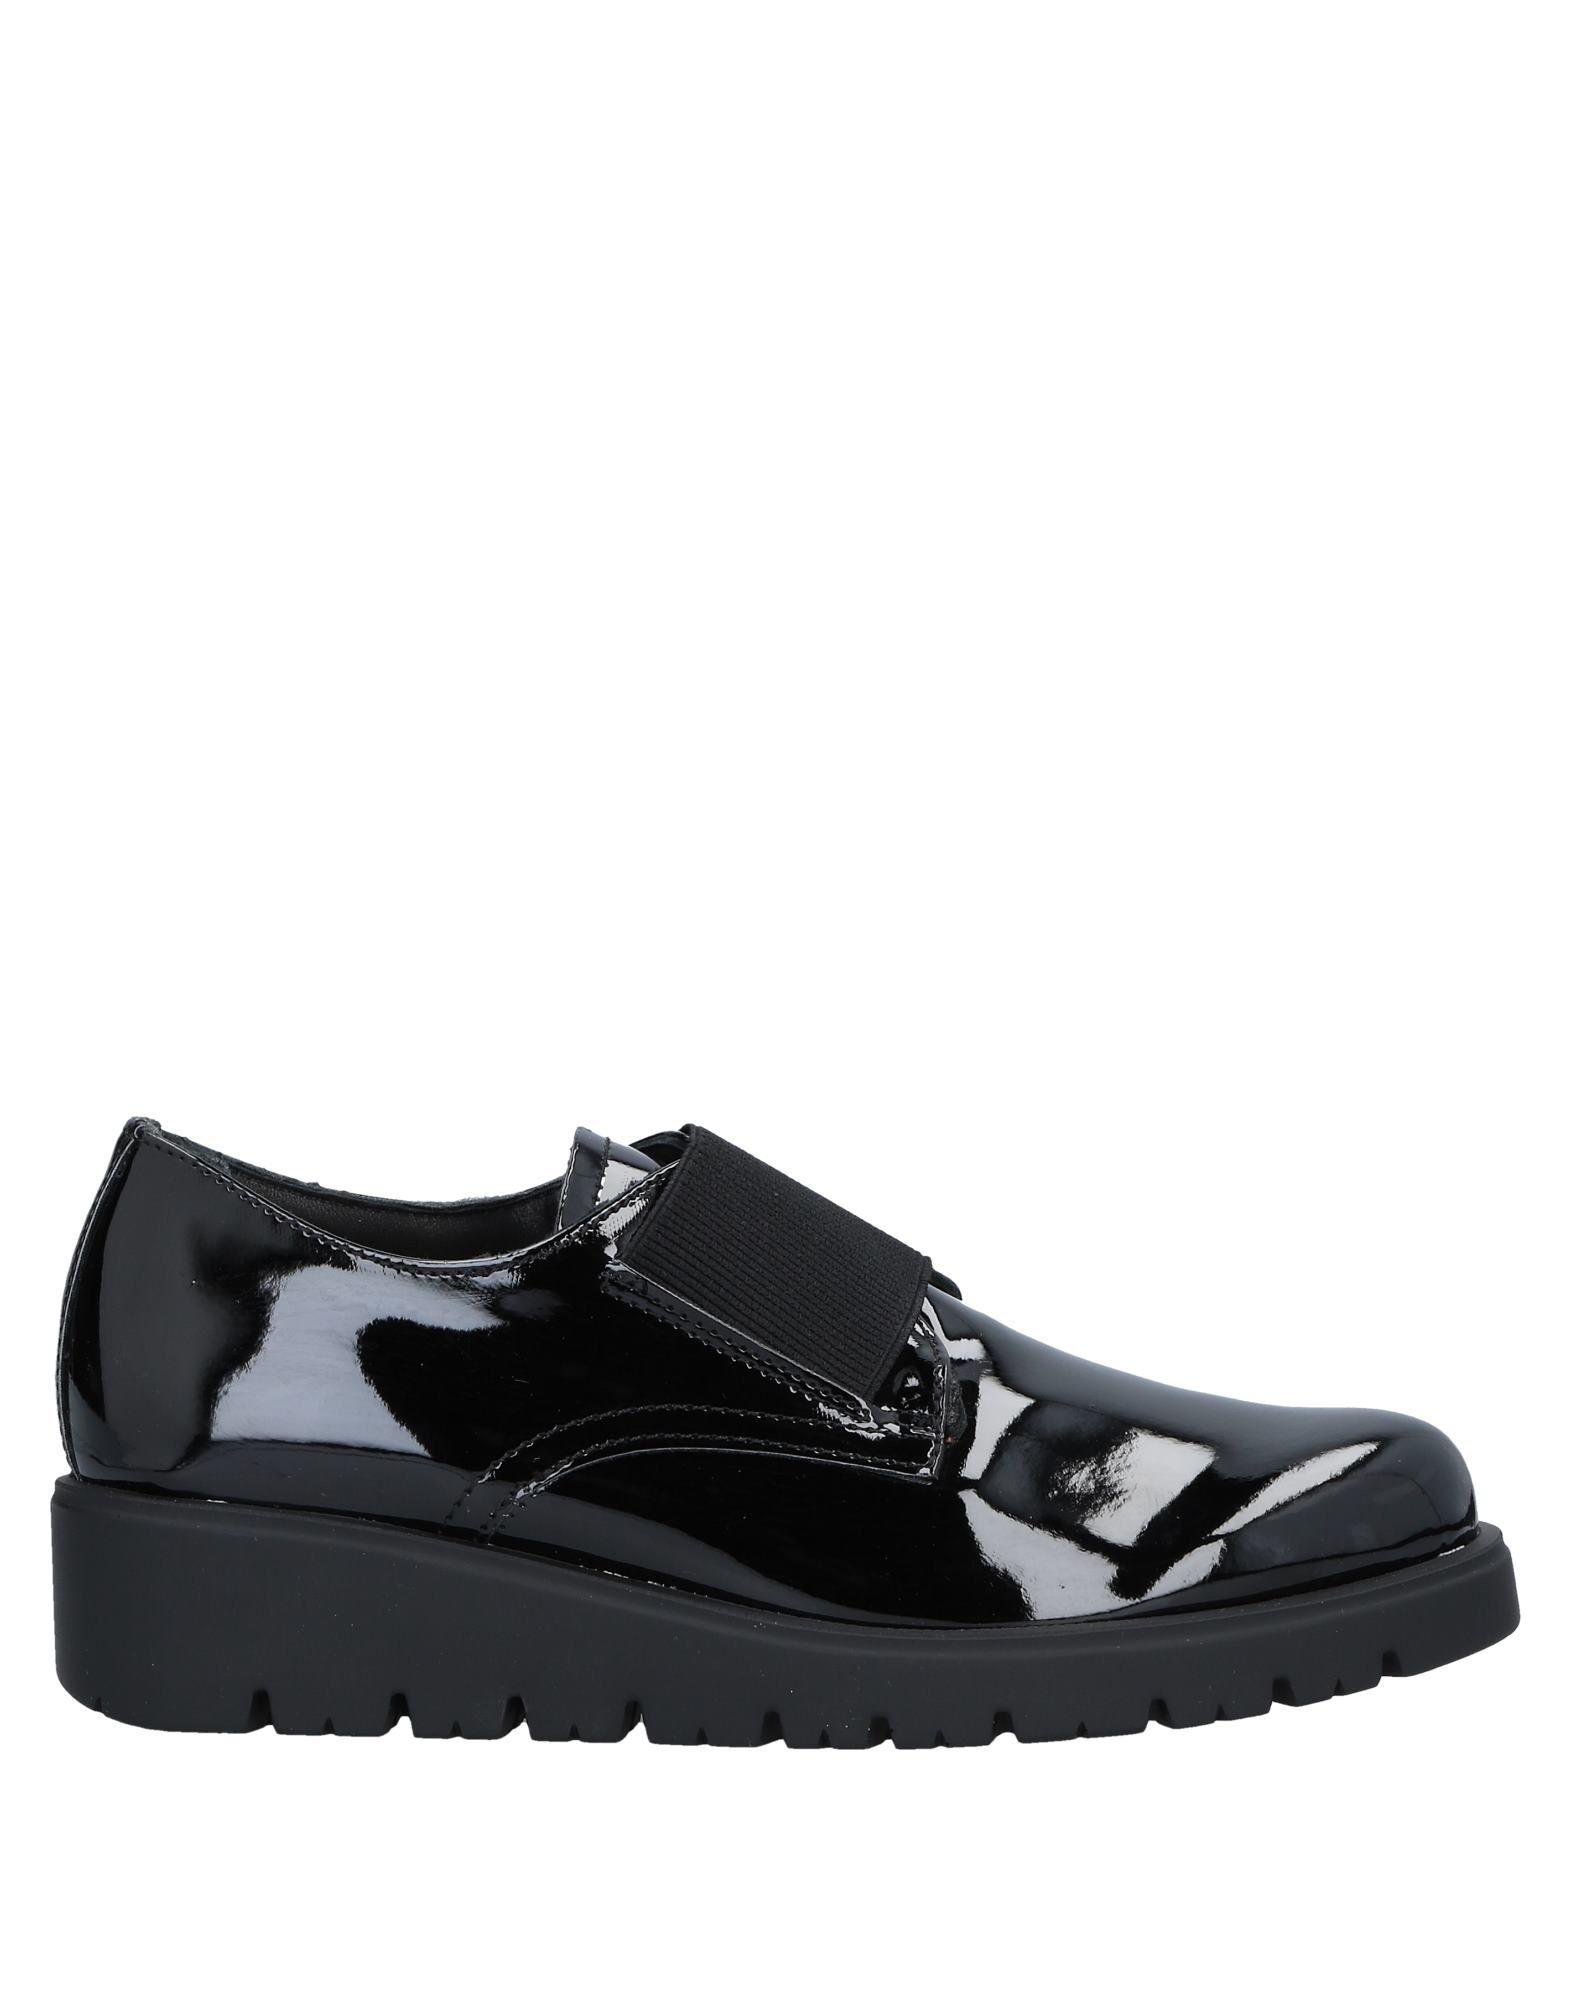 Cinzia Imprint Mokassins Damen  11534749JD Schuhe Gute Qualität beliebte Schuhe 11534749JD d1f992